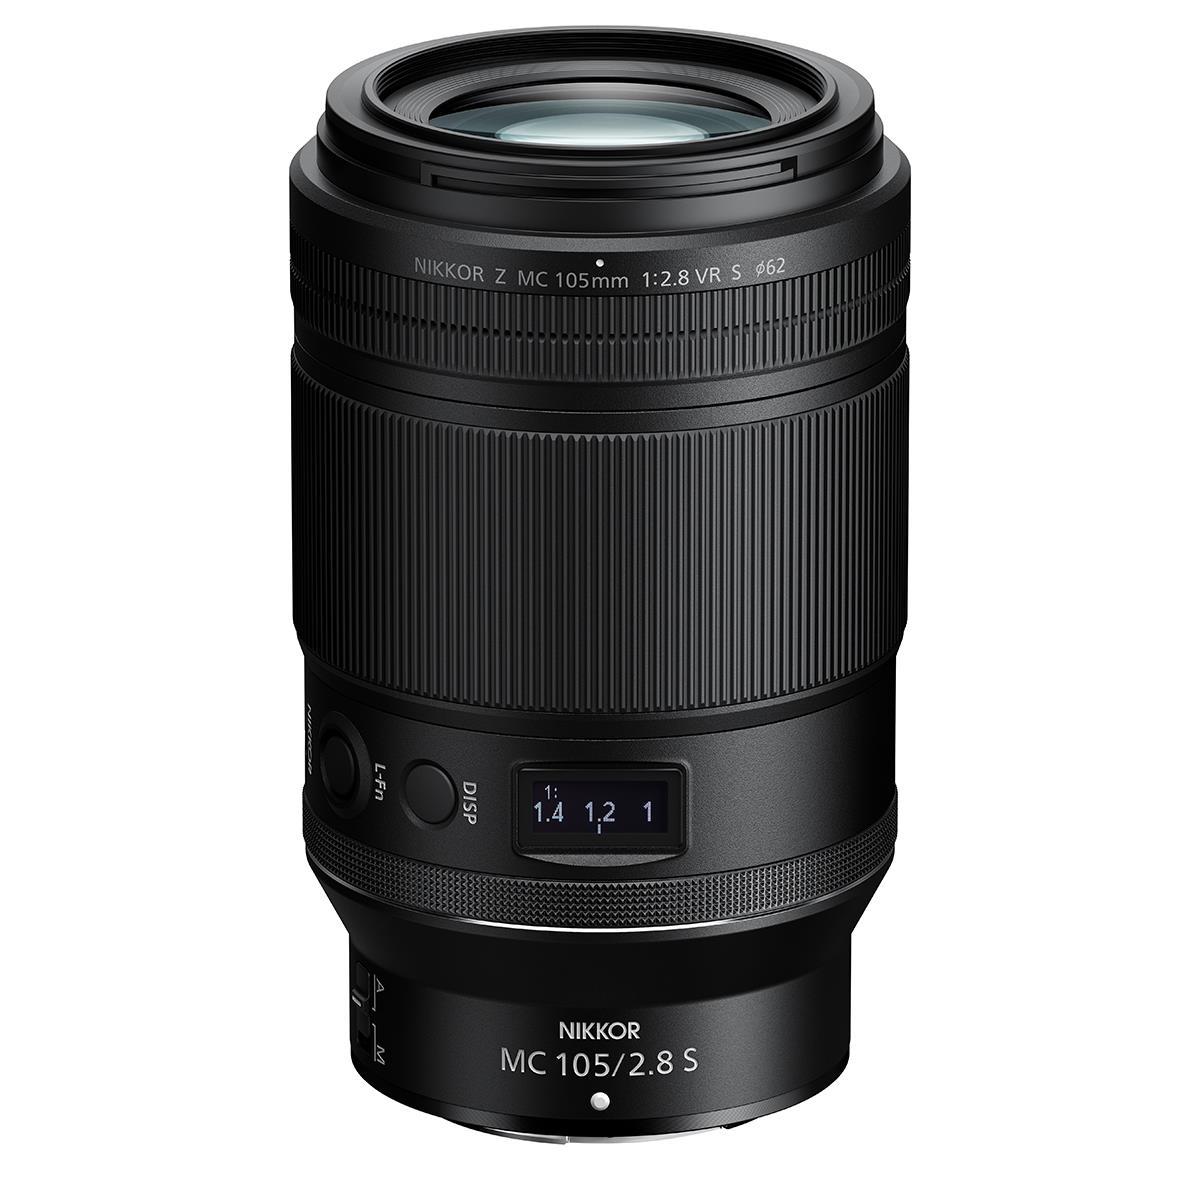 Nikon Z 105mm F2.8 MC VR S Lens